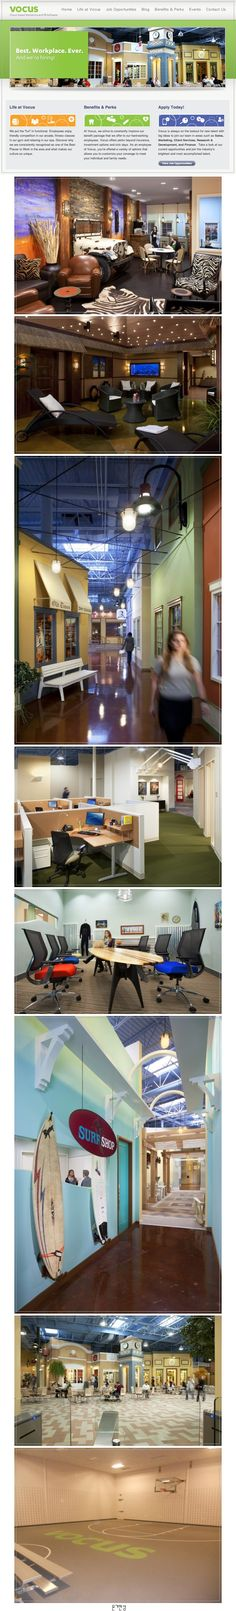 회사 빌딩안에 또다른 도시 'VOCUS' 사무실 인테리어   VOCUS는 클라우드 기반의 마케팅 및 홍보 소프트웨어를 제공한는 500명 규모의 회사입니다. VOCUS 사무실 인테리어는 마치 작은 마을을 연상케 하는데, 디자인 컨셉을 회사 빌딩안에 또다른 도시 였습니다.  그래서 타운센터, 레스토랑, 카페, 서퍼 샵등 도시 안에 있는 느낌을 주게 합니다. 또한 직원들의 상상력을 높이기 위해 활동적인 영역의 '피트니스 센터'와 조용한 영역인 '스파'도 있습니다. 미국이란 나라가 크다보니 저런 시설까지 갖출수 있다는 것이 부럽기는 하네요.